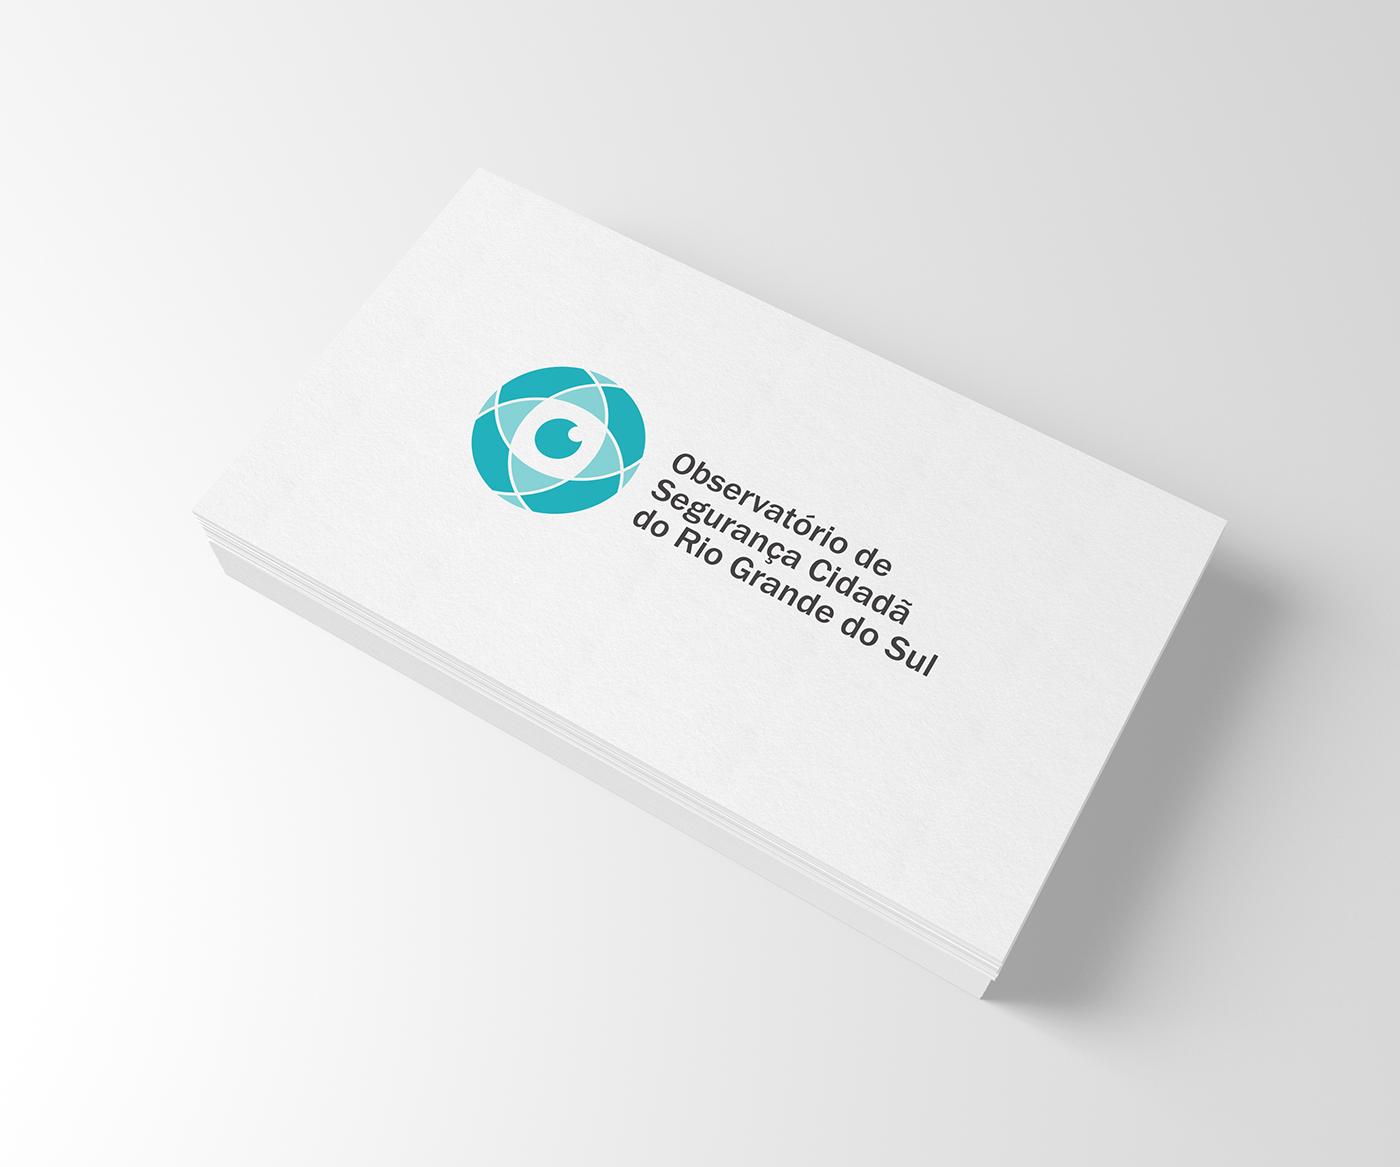 PESQUISAS ESTUDOS Segurança Politica observatorio brand logo